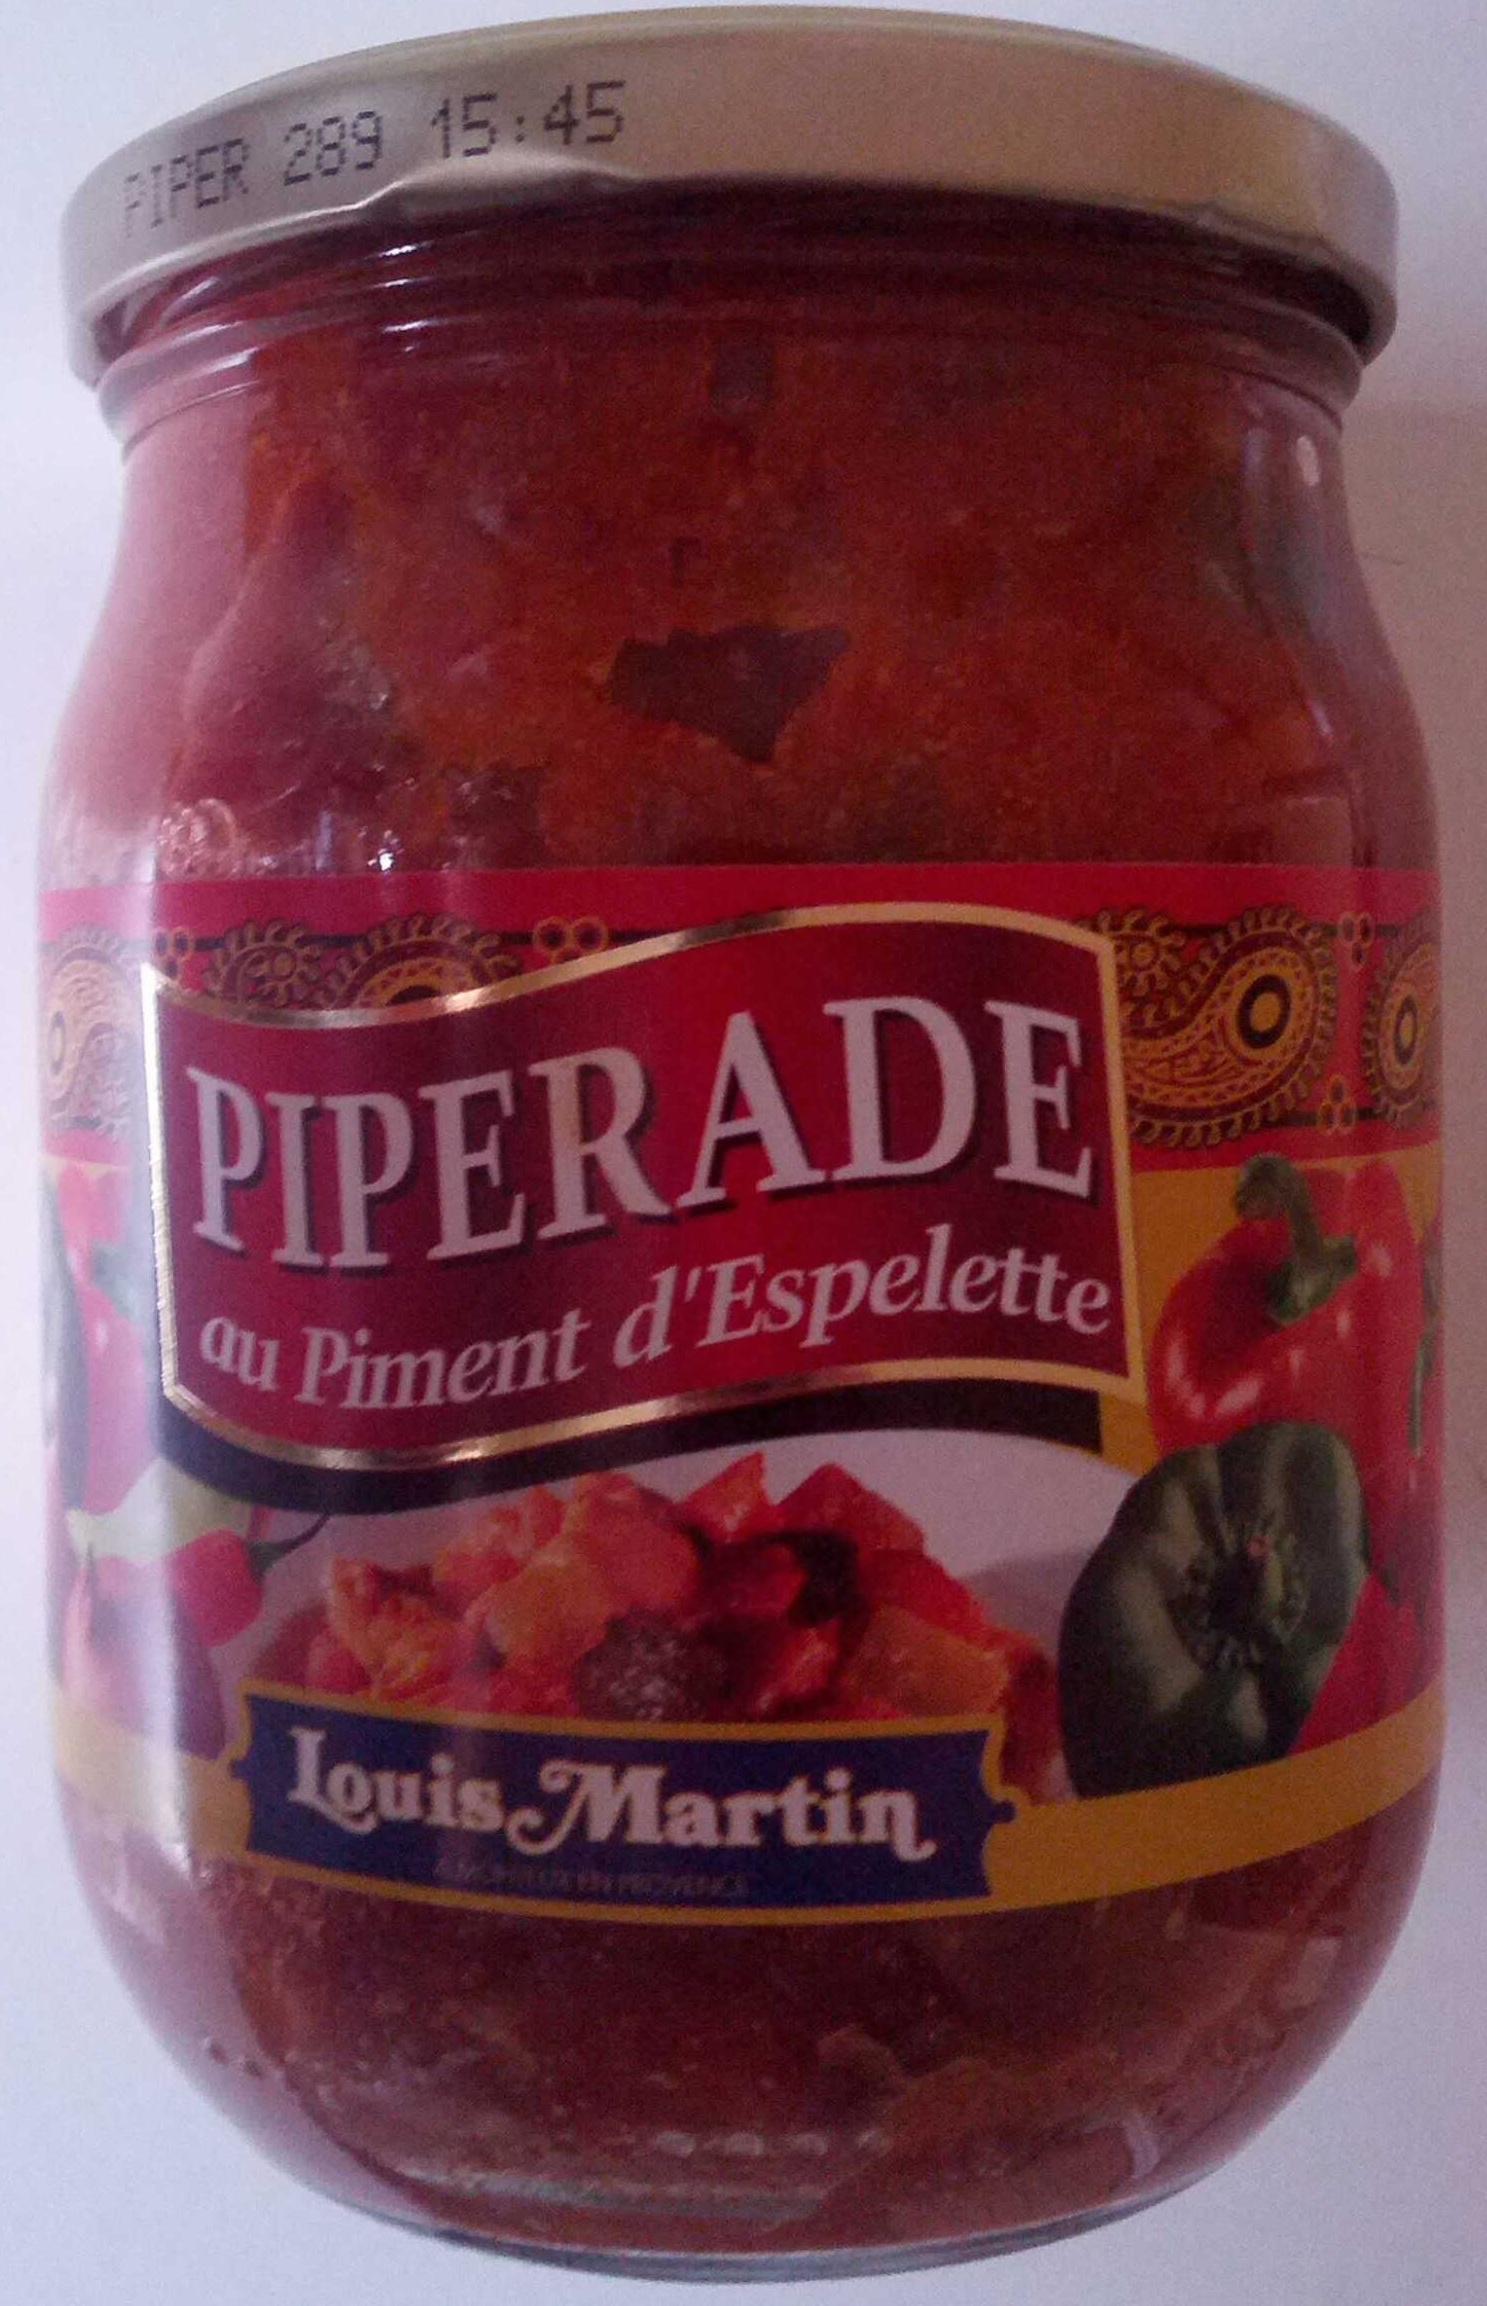 Piperade au Piment d'Espelette - Produit - fr